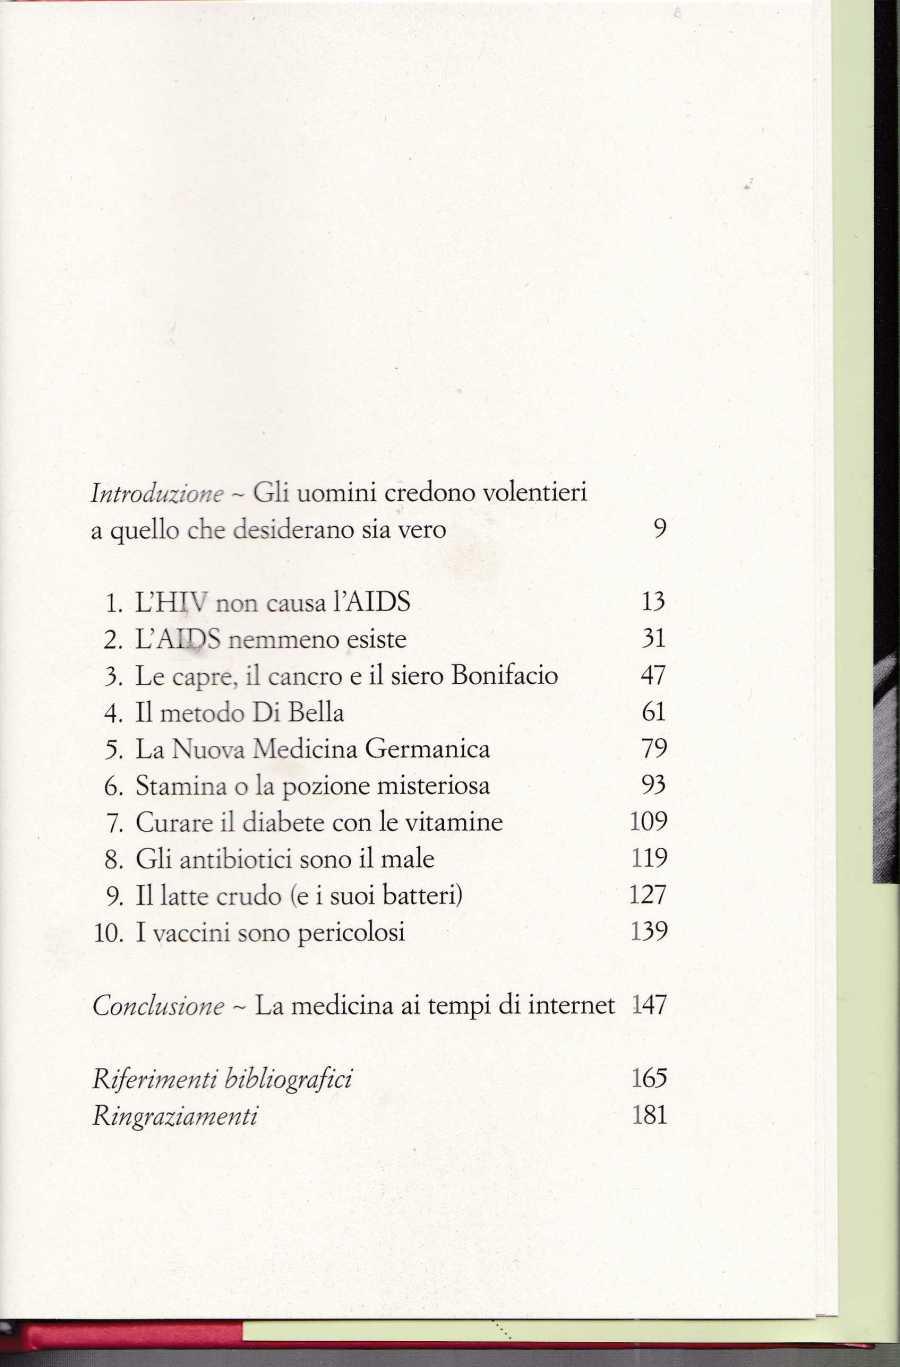 BURIONI3604